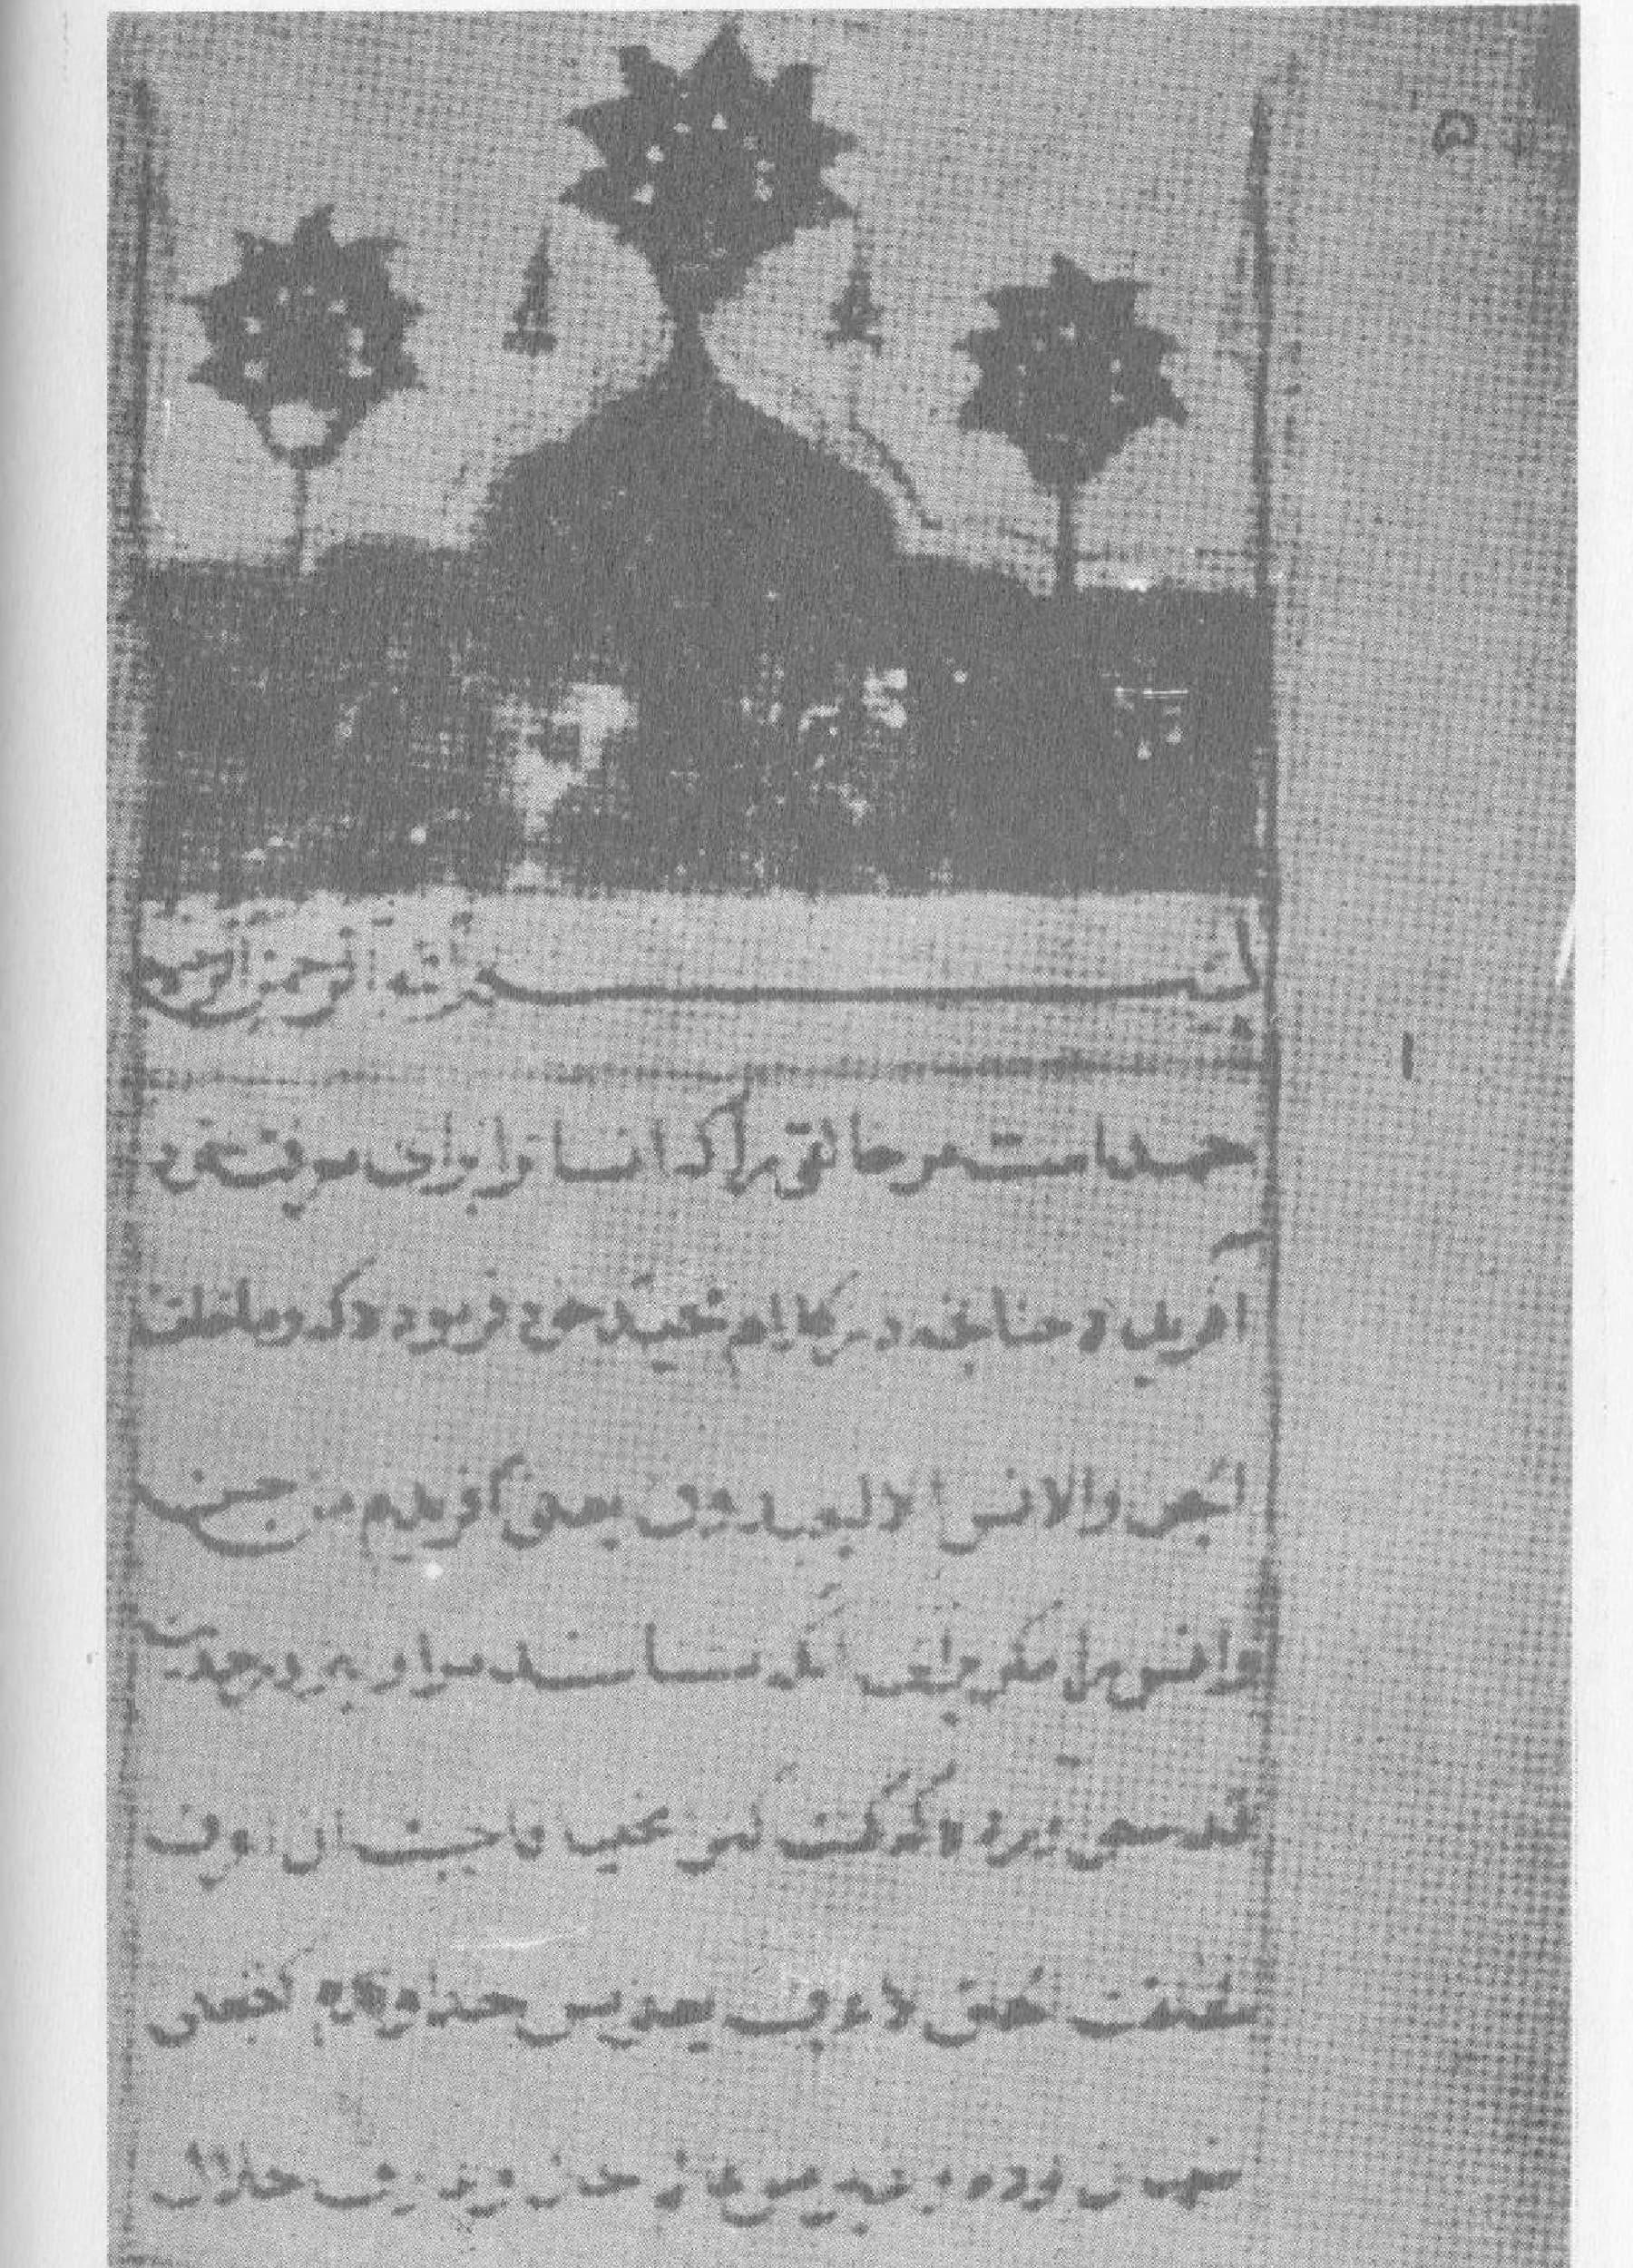 تاریخ مظہر شاہ جہانی نسخے کا ابتدائیہ صفحہ